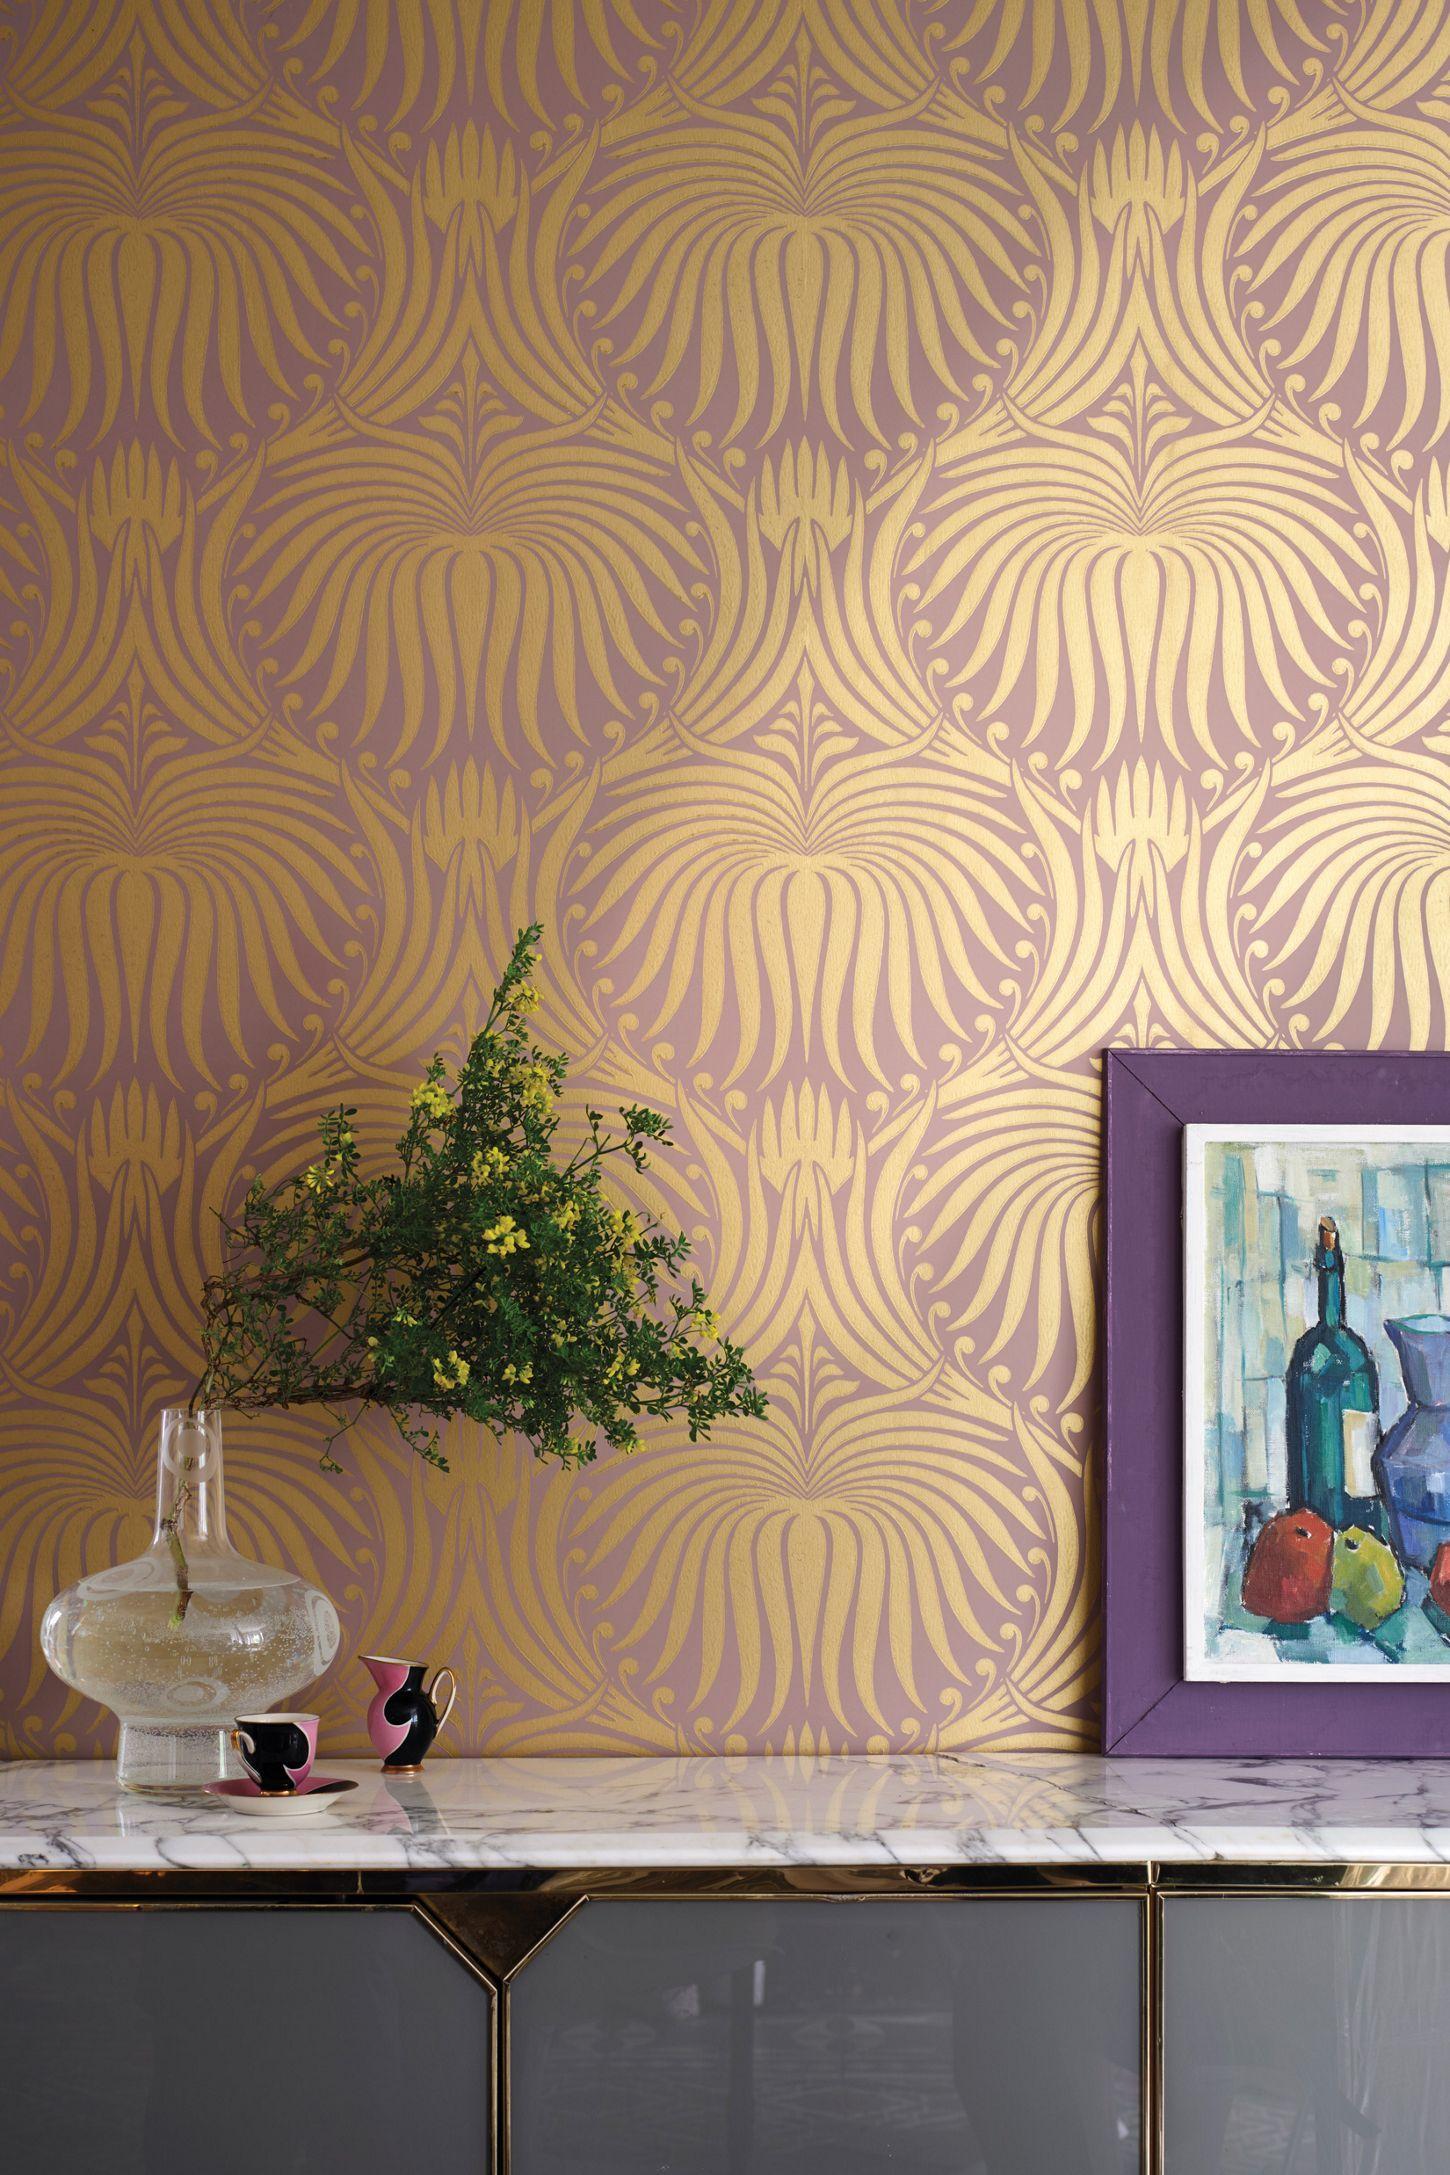 Farrow & Ball Lotus Wallpaper in 2020 Lotus wallpaper